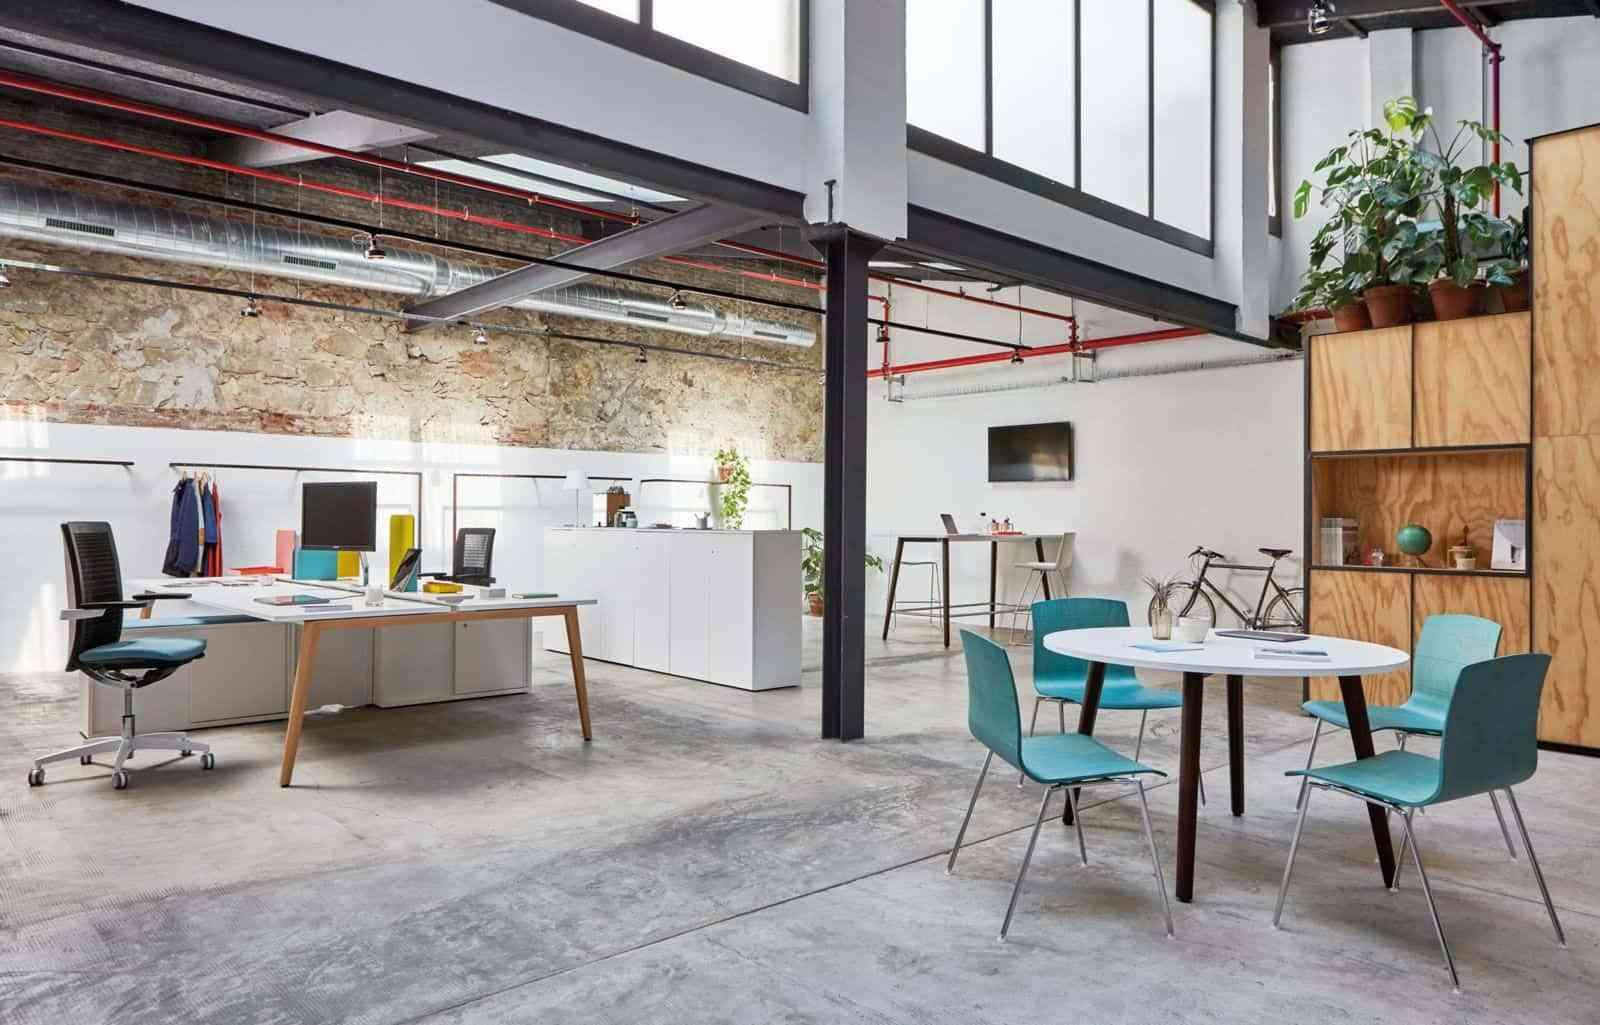 Cómo elegir el mejor mobiliario para tu oficina: consejos 1